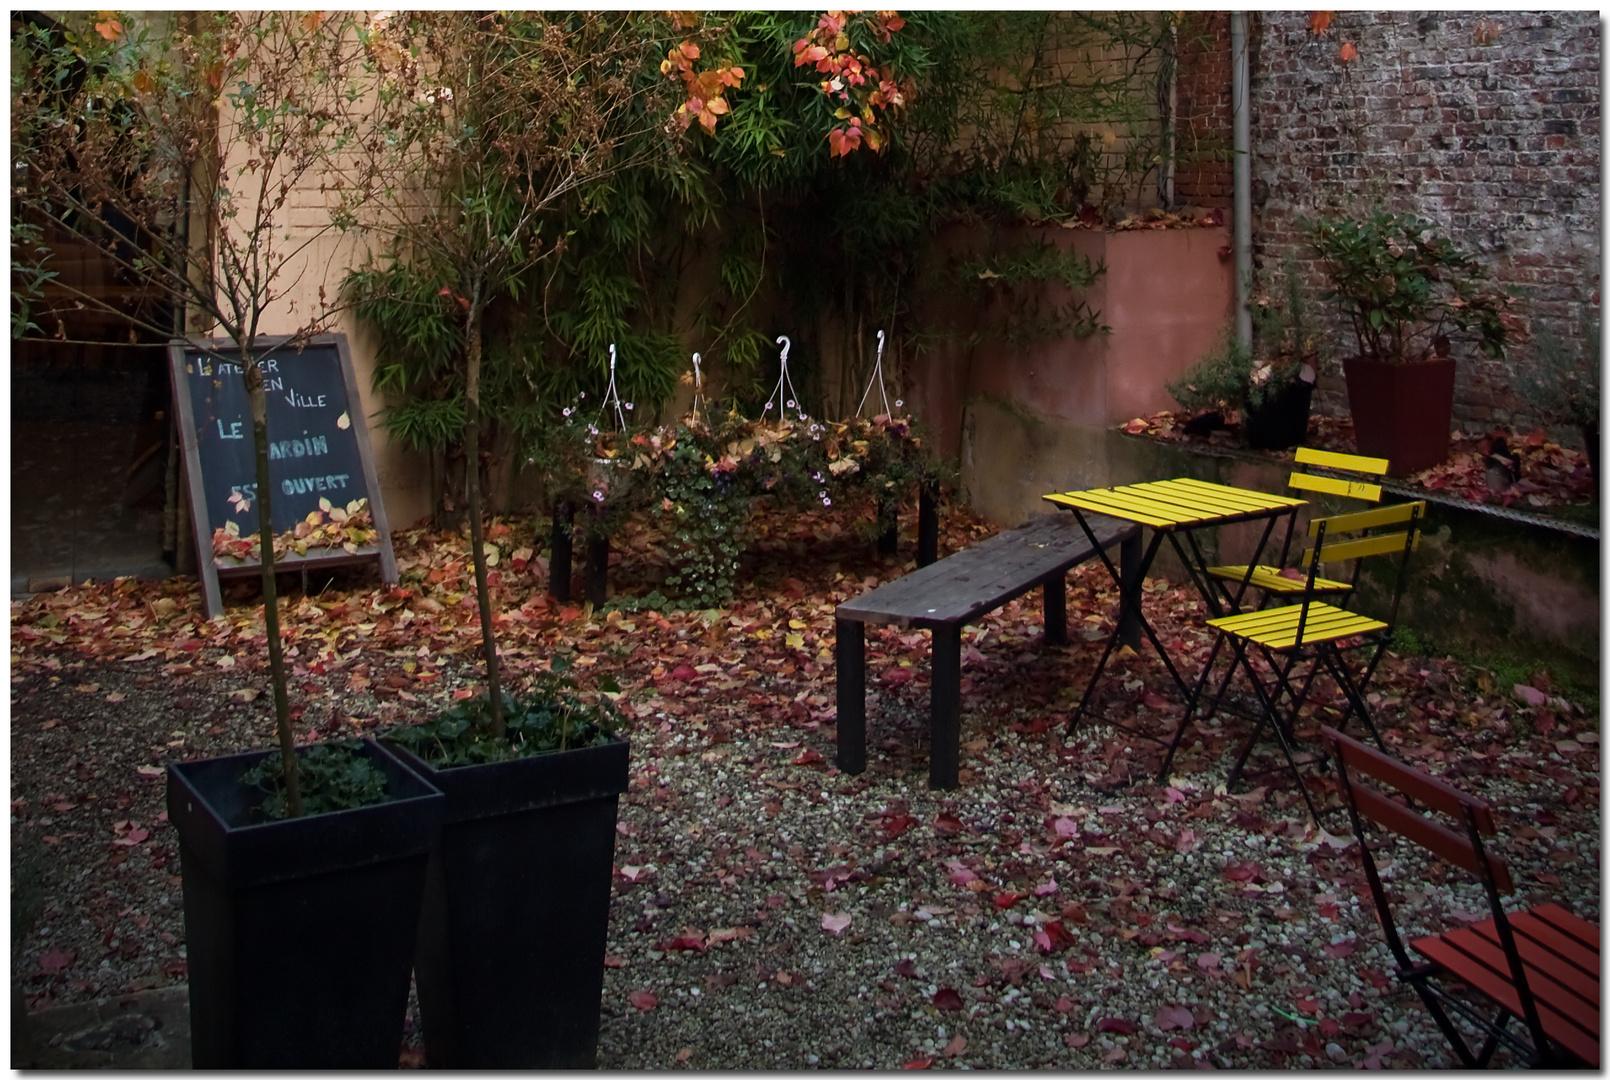 Automne à Bruxelles XXXI Le jardin est ouvert